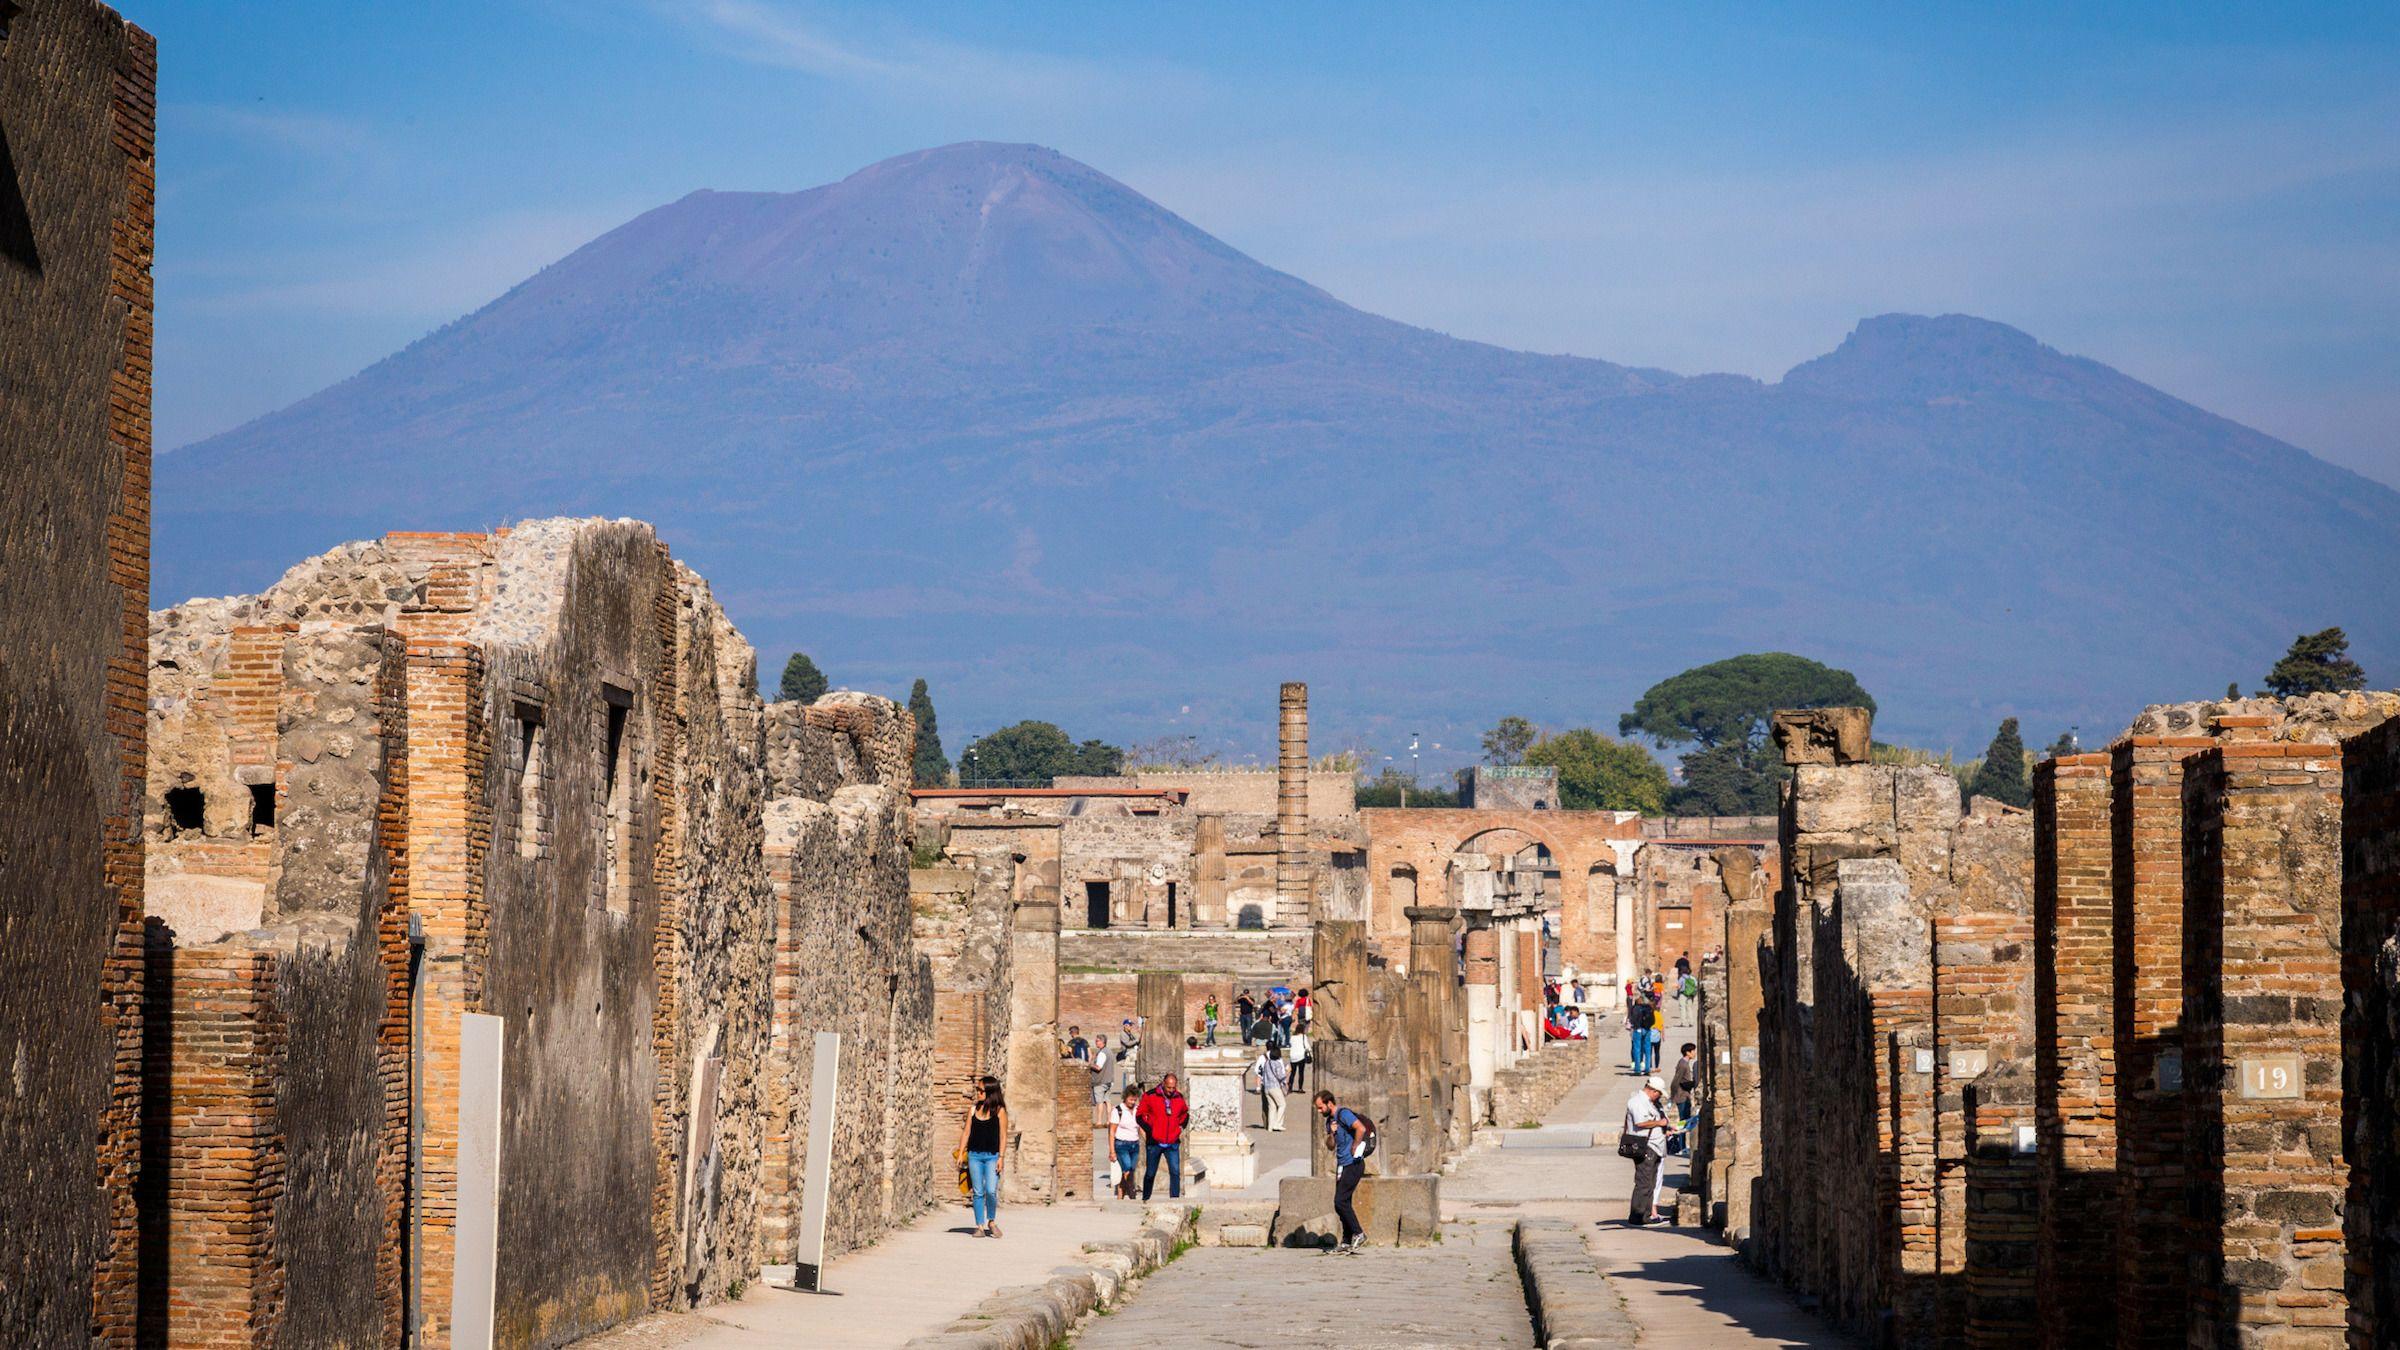 Spring-køen-over-tur til Pompeji og Vesuv: Heldagstur tilbage i tiden